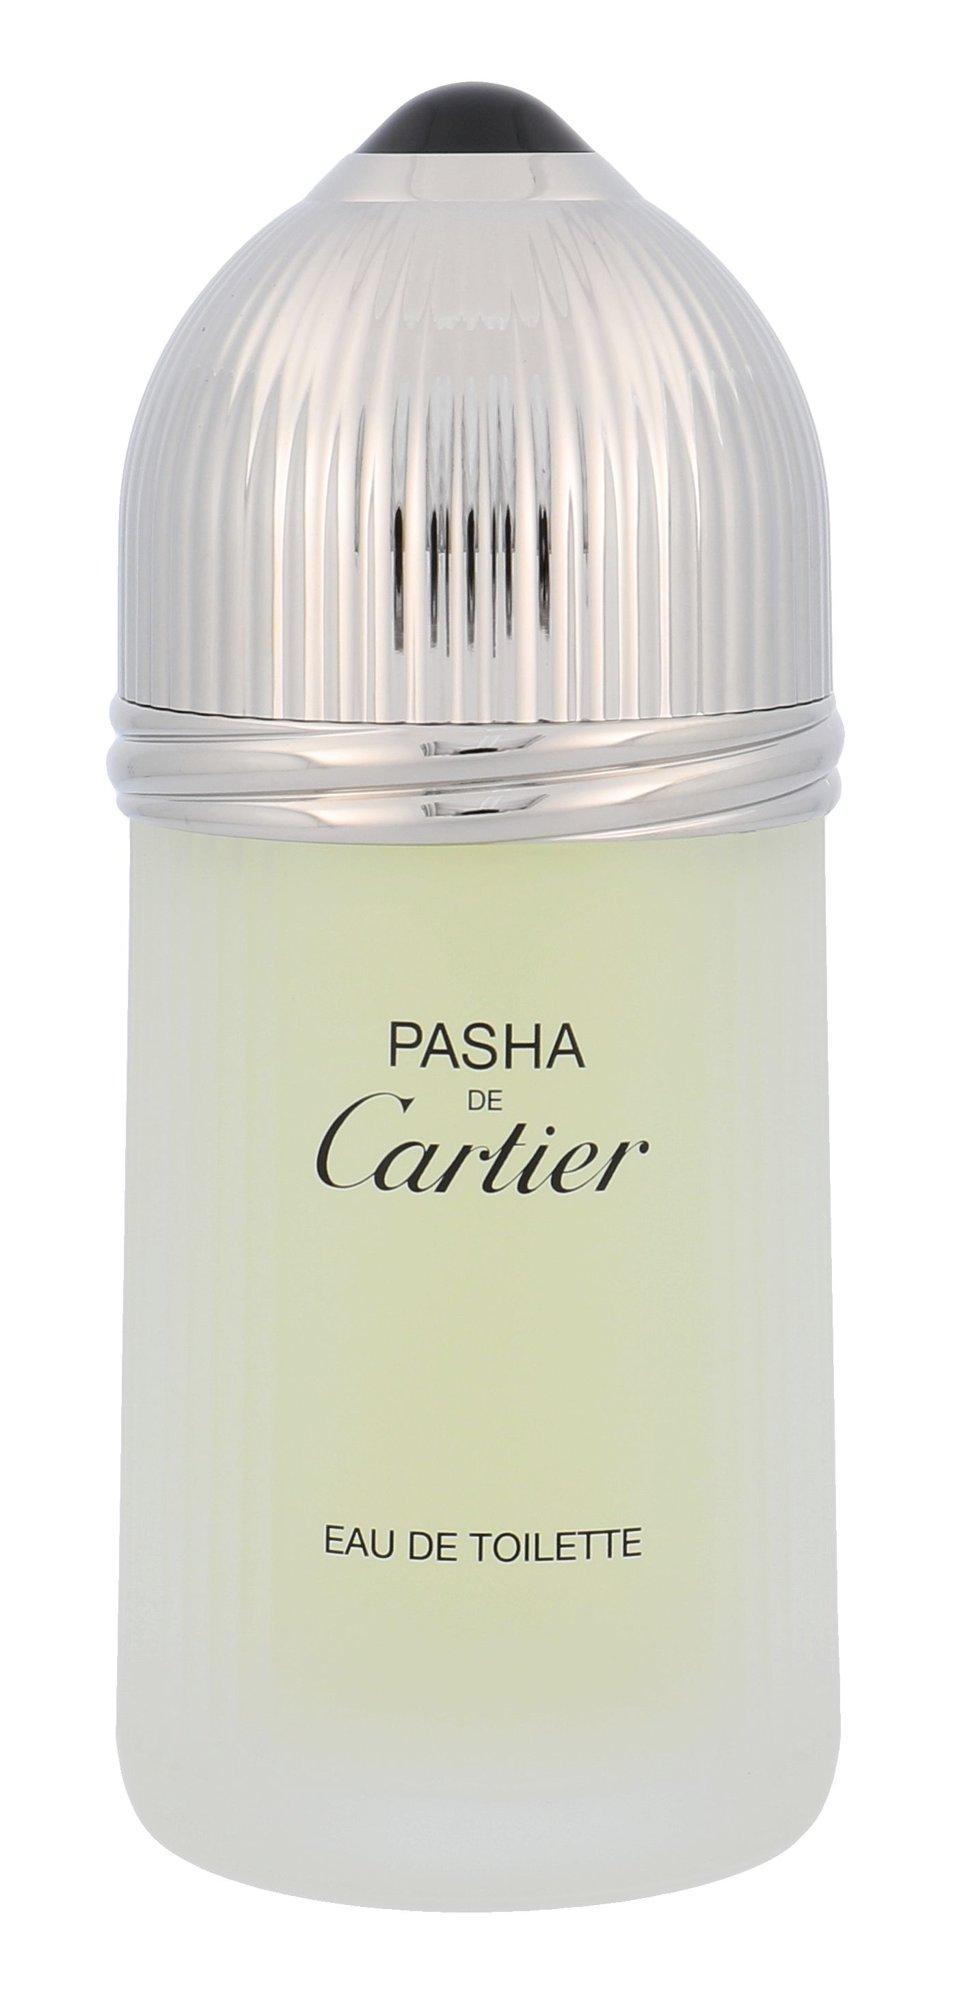 Cartier Pasha De Cartier Eau de Toilette 100ml